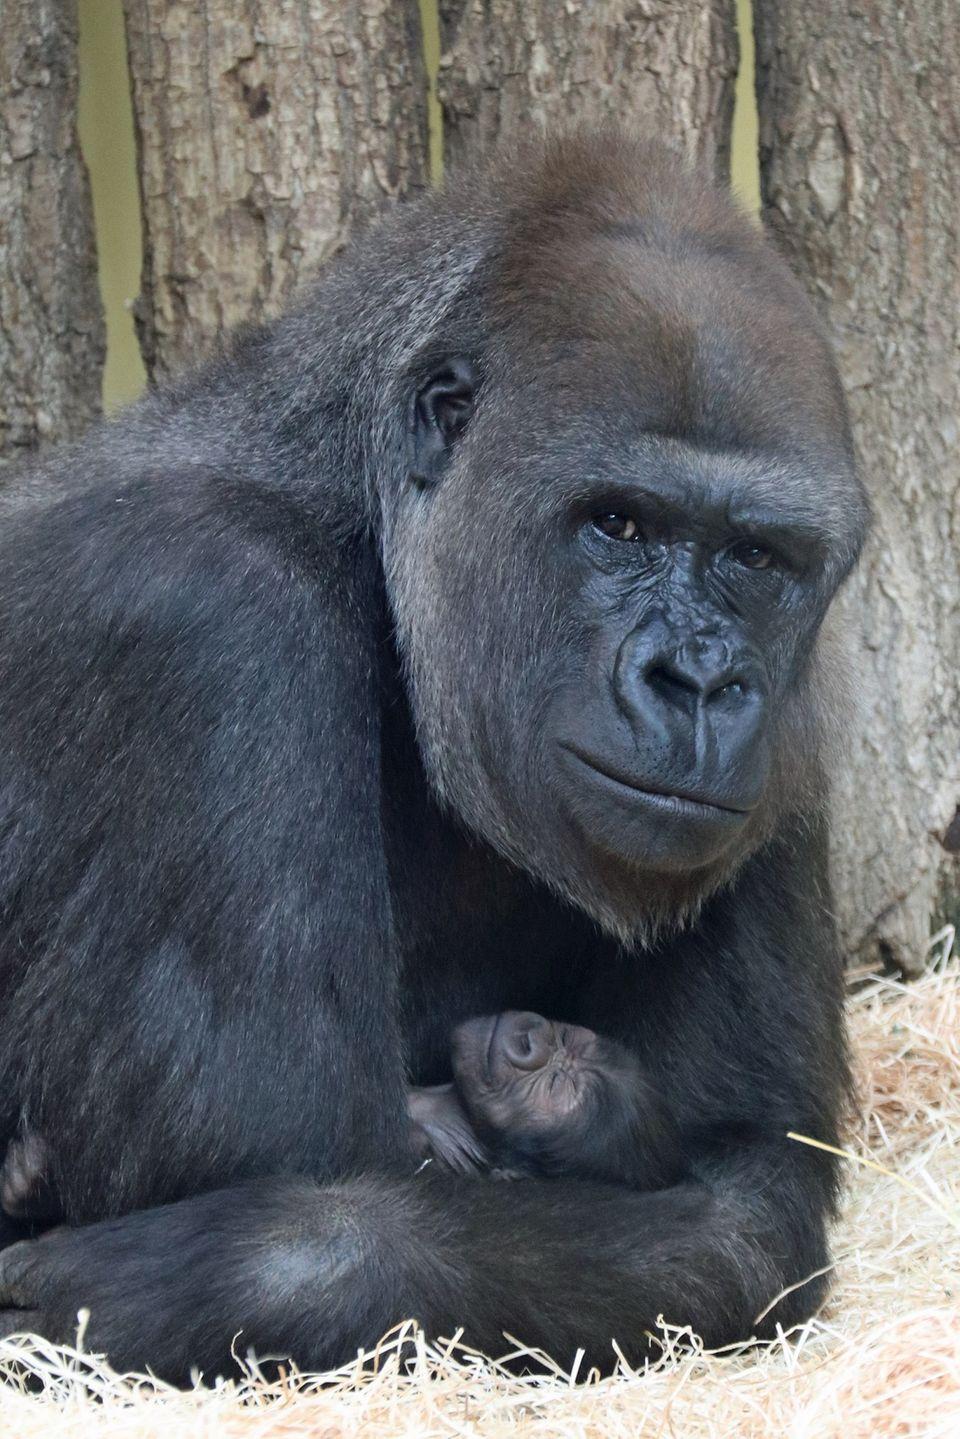 Gorilla-Mutter Bibi mit ihrem Nachwuchs